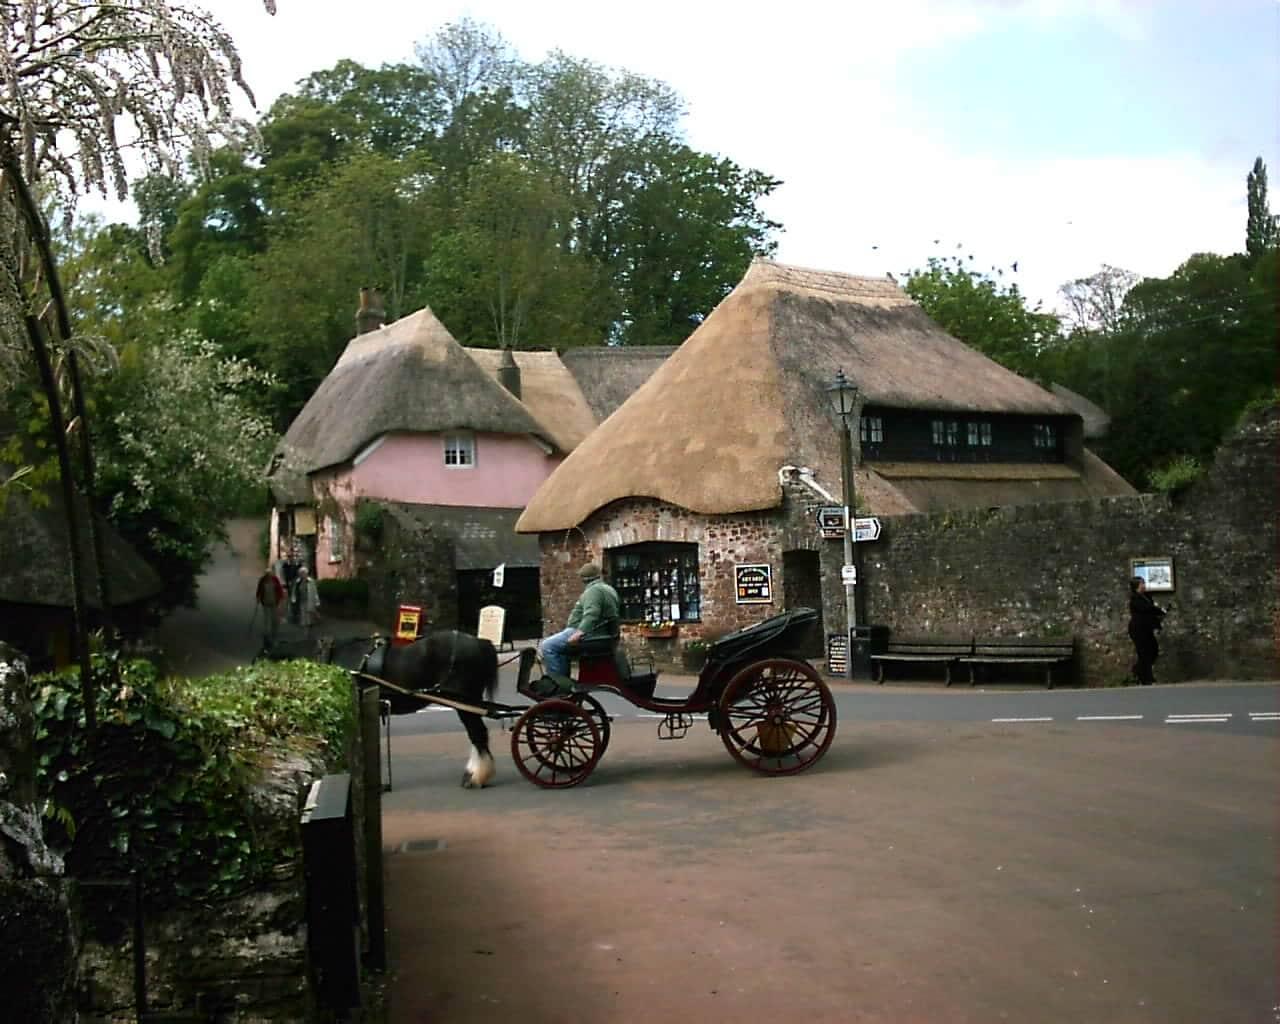 Trăsurile trase de cai sunt gata pregătite să conducă turiştii într-o lume de poveste